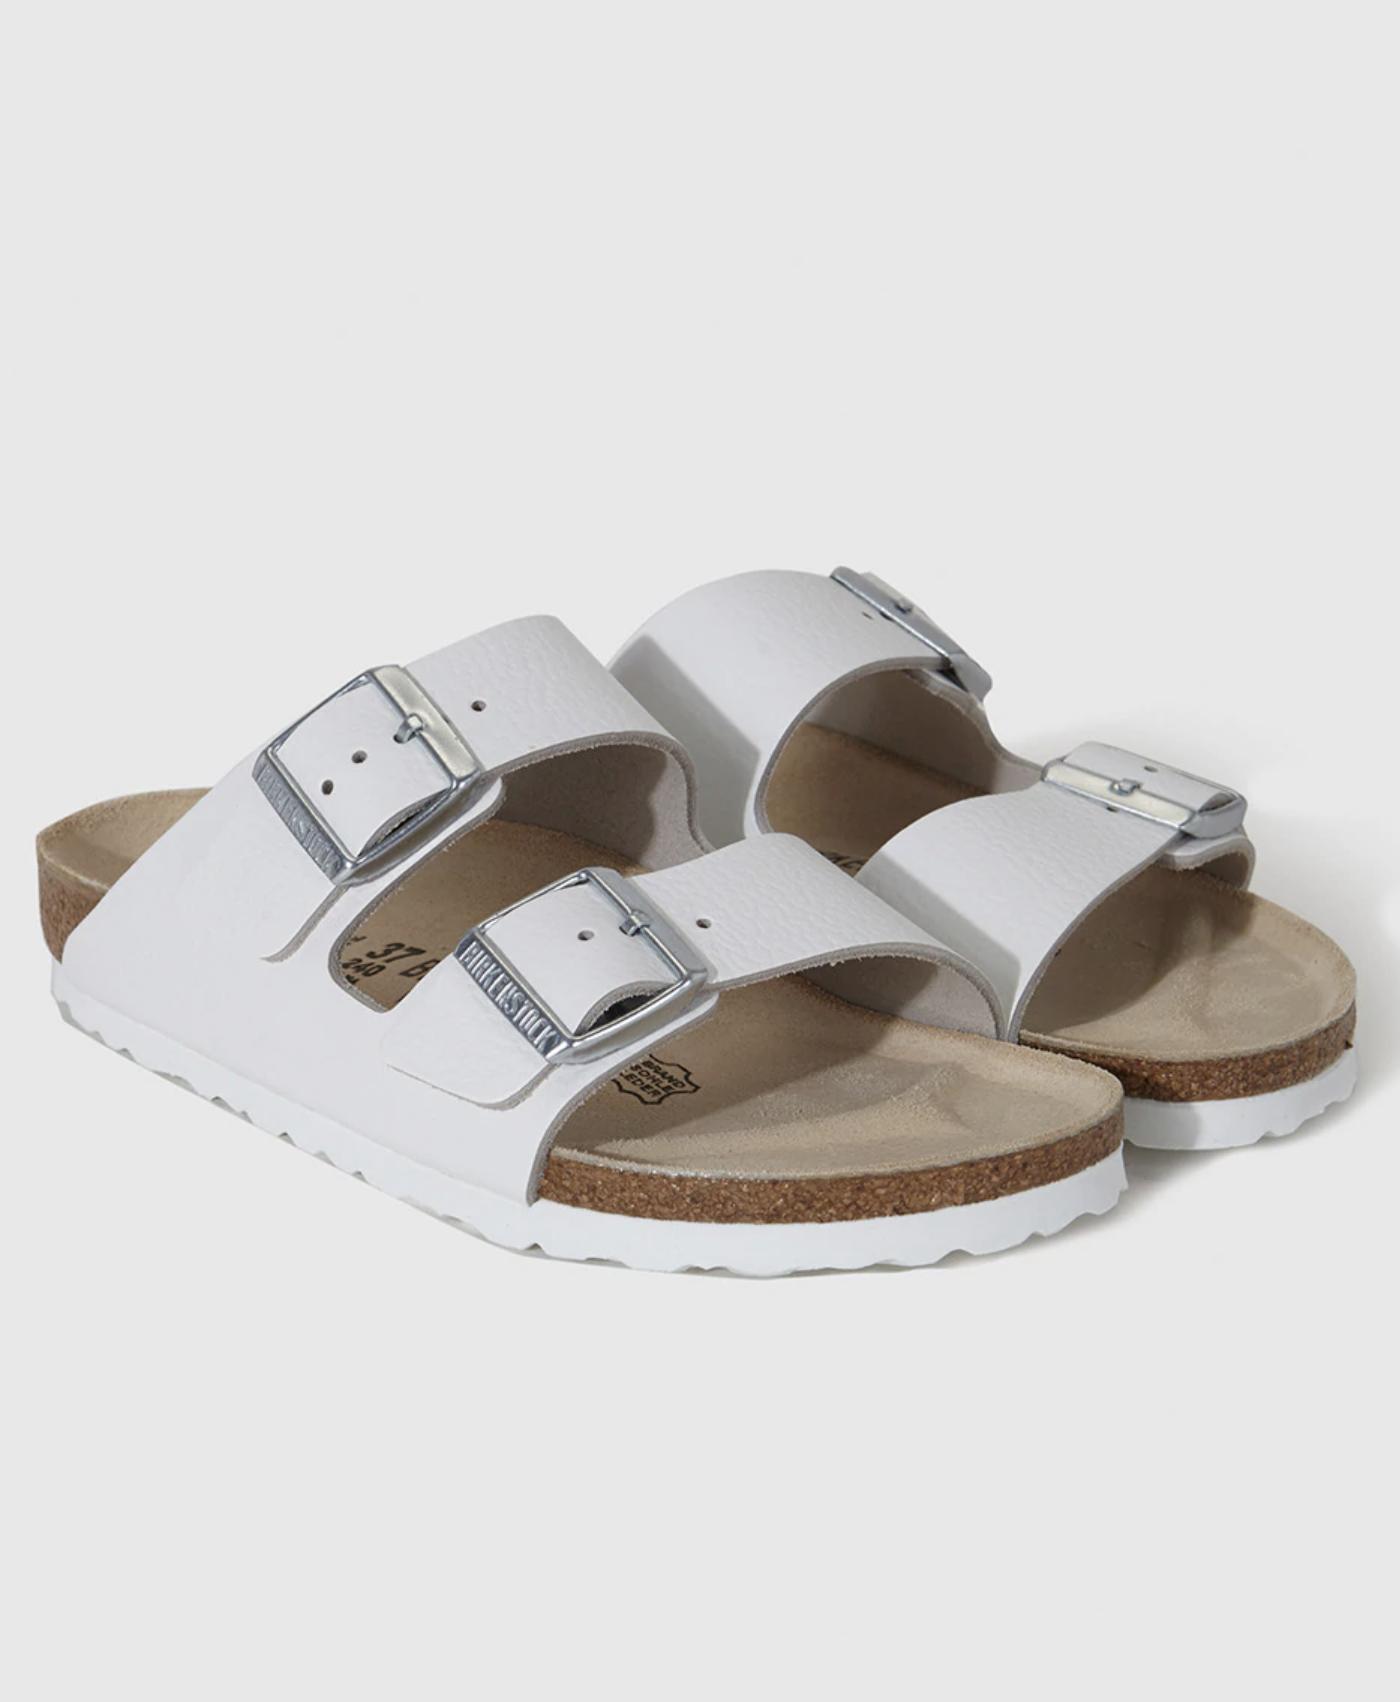 Sandalias planas de mujer Birkenstock de piel blancas